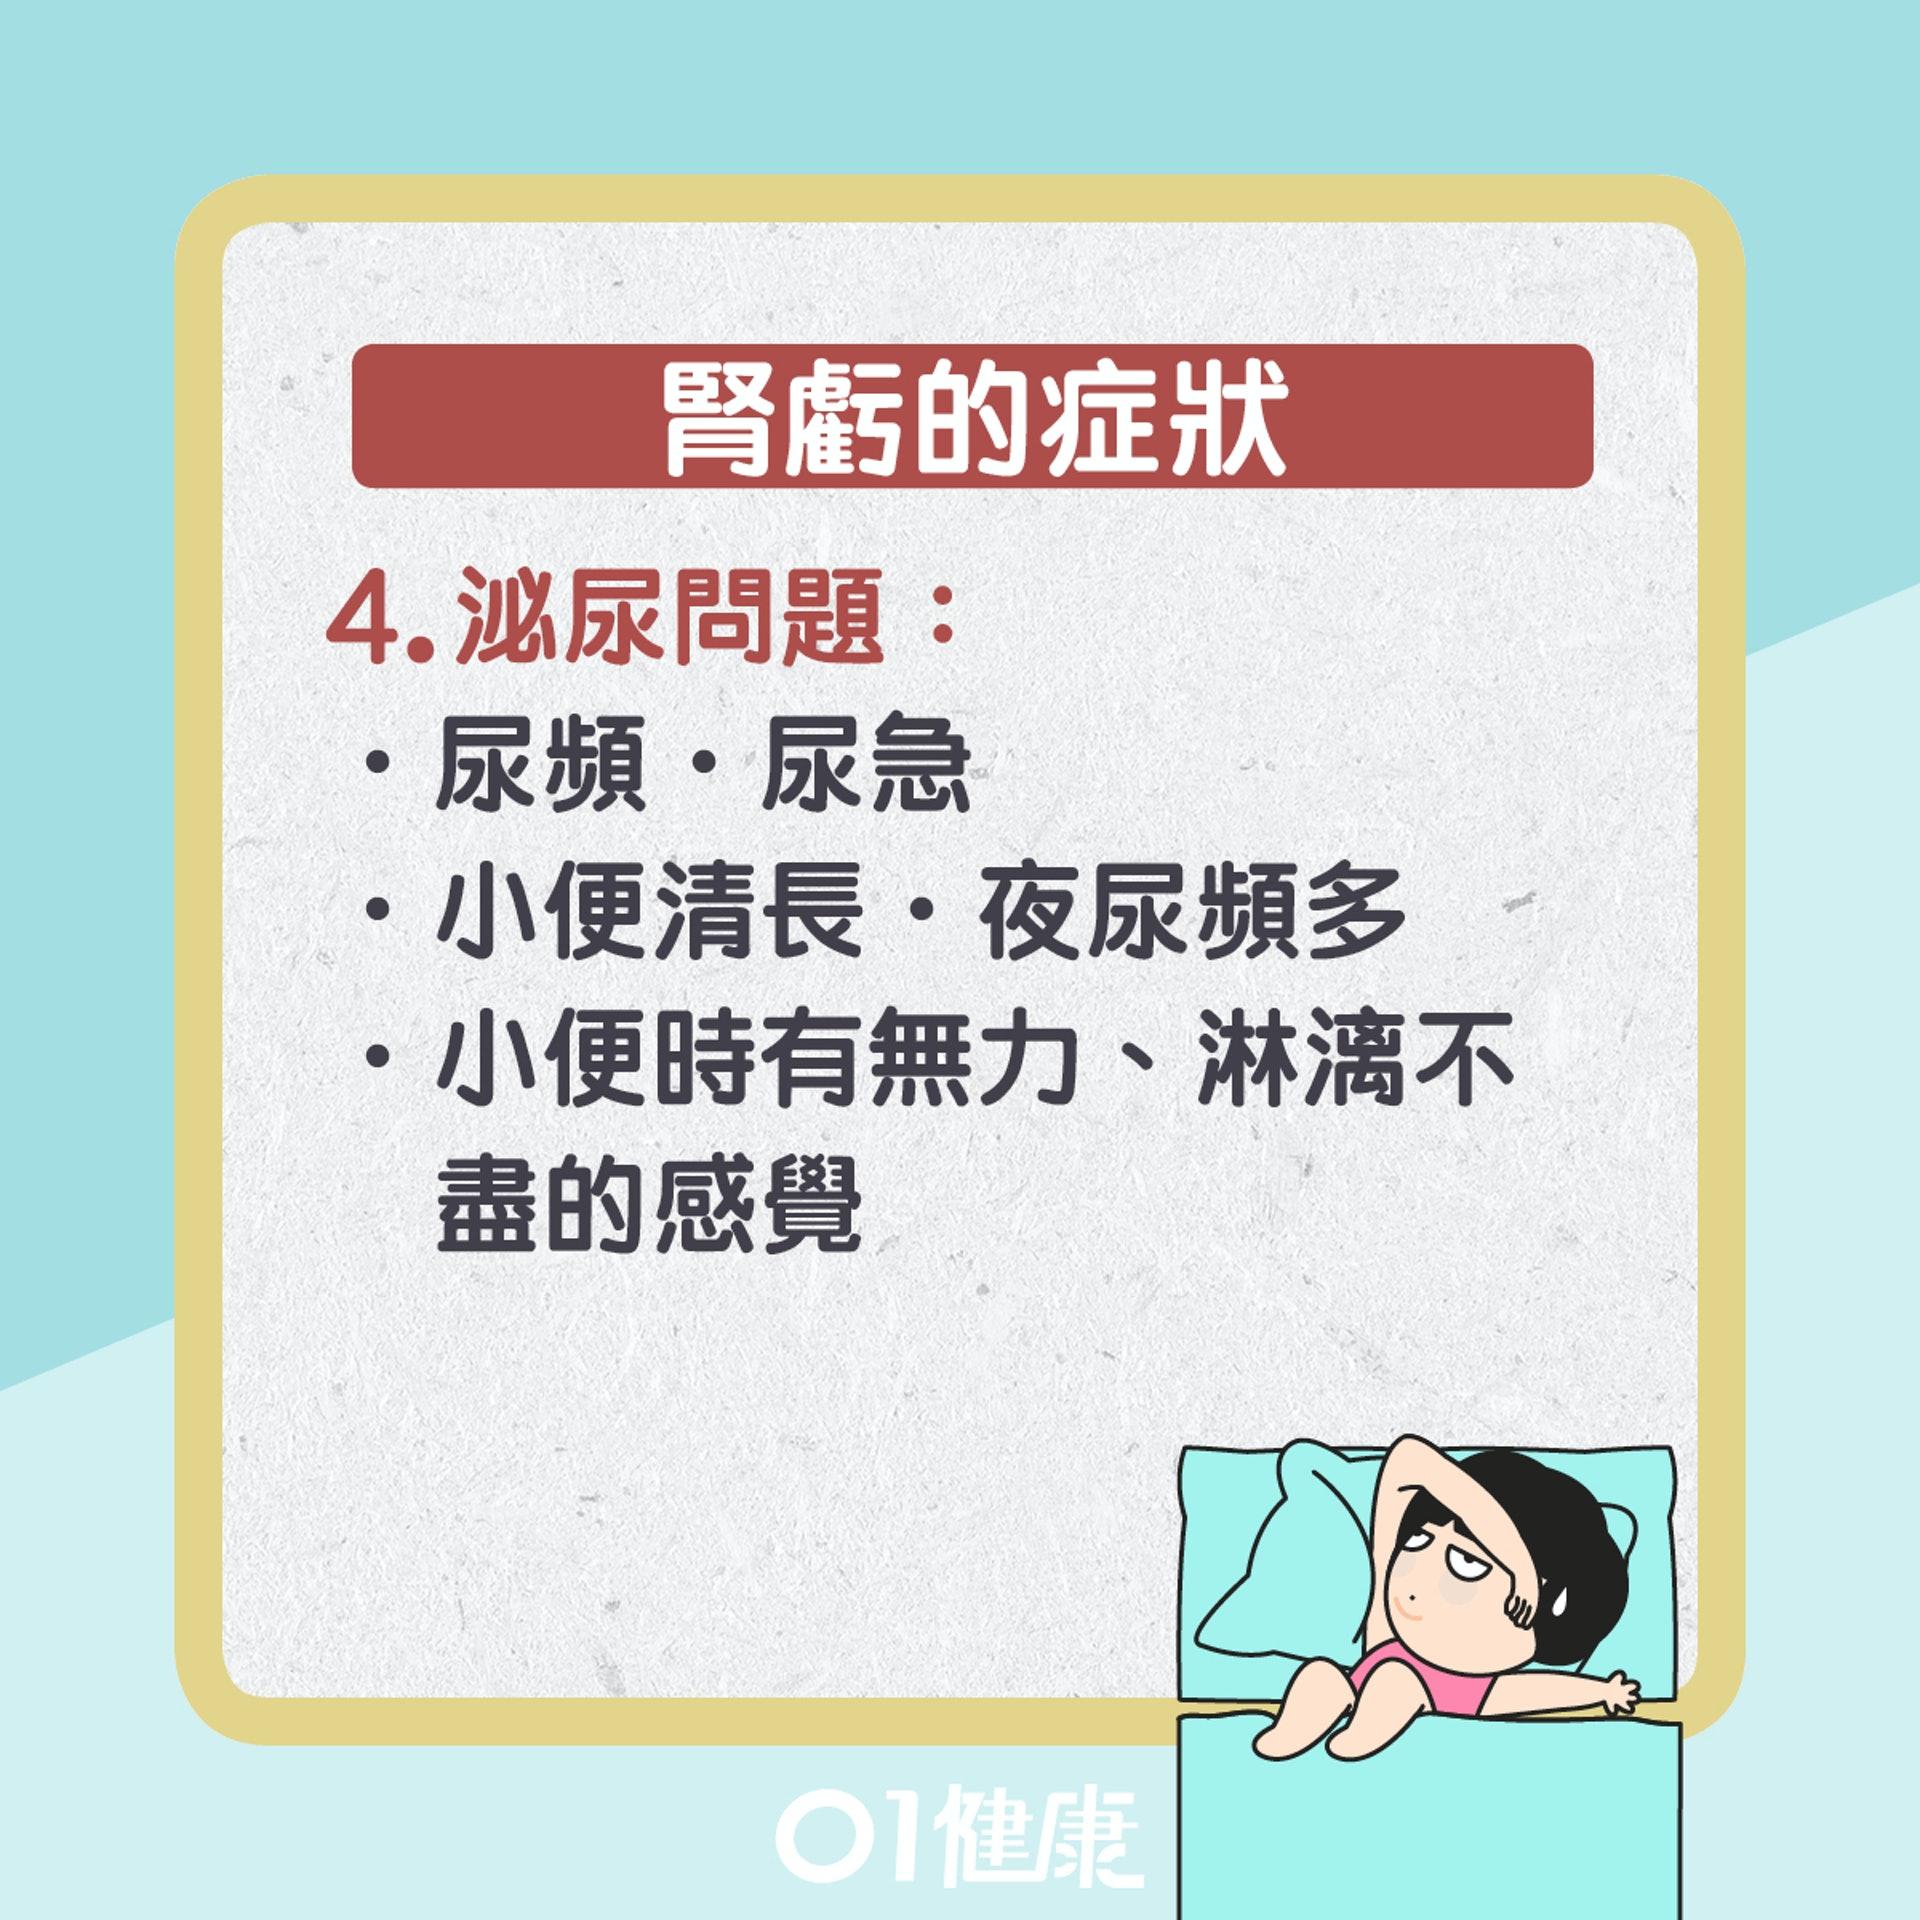 腎虧的成因及症狀(01製圖)